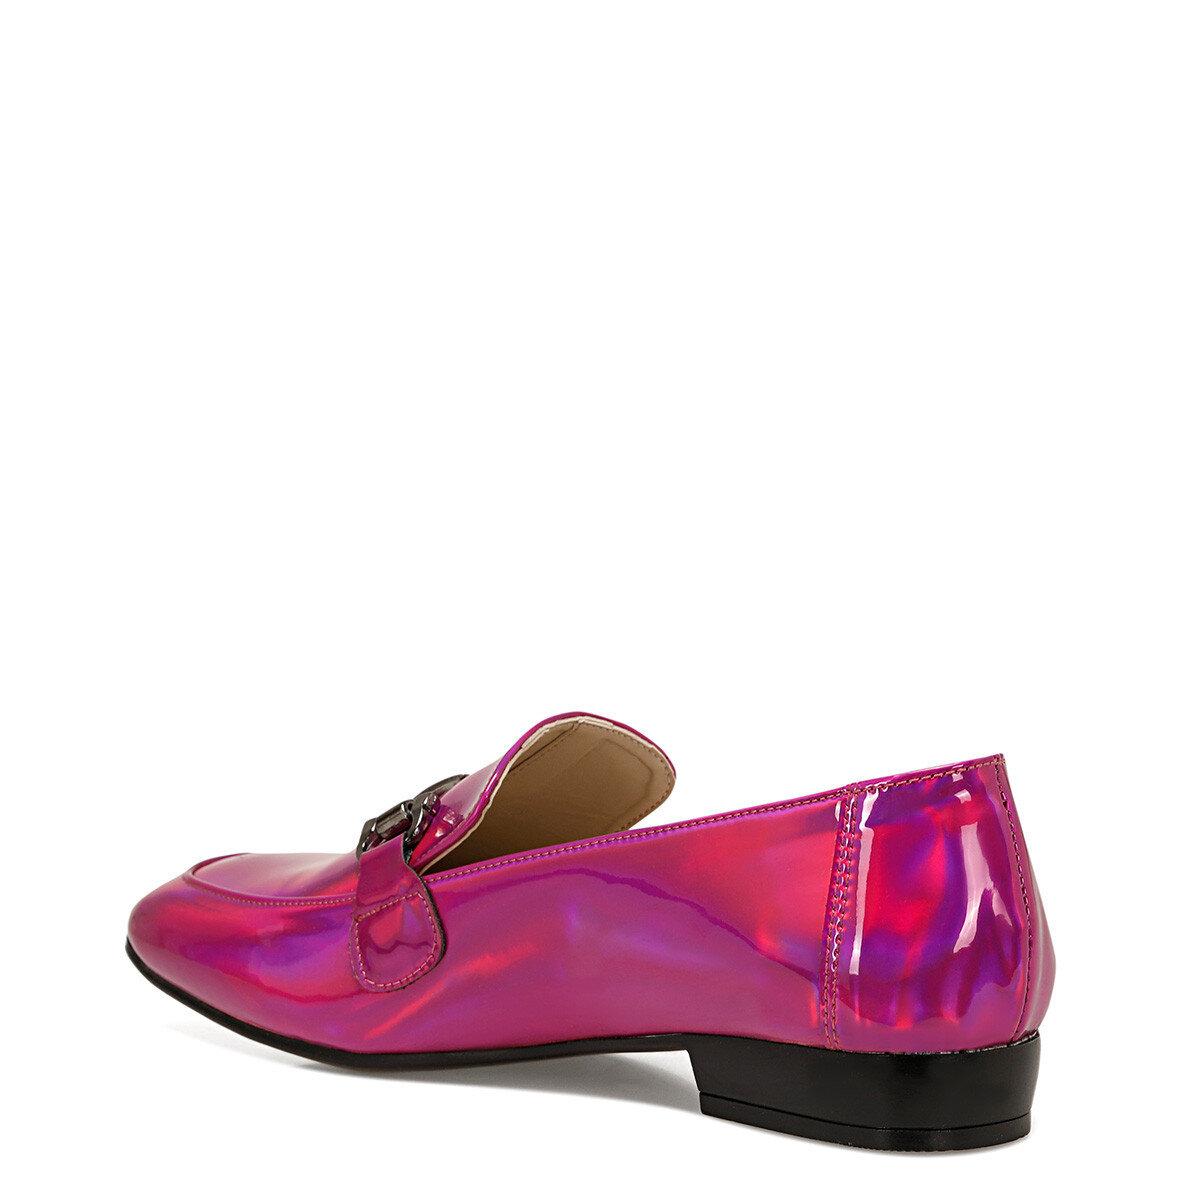 TURA Pembe Kadın Loafer Ayakkabı